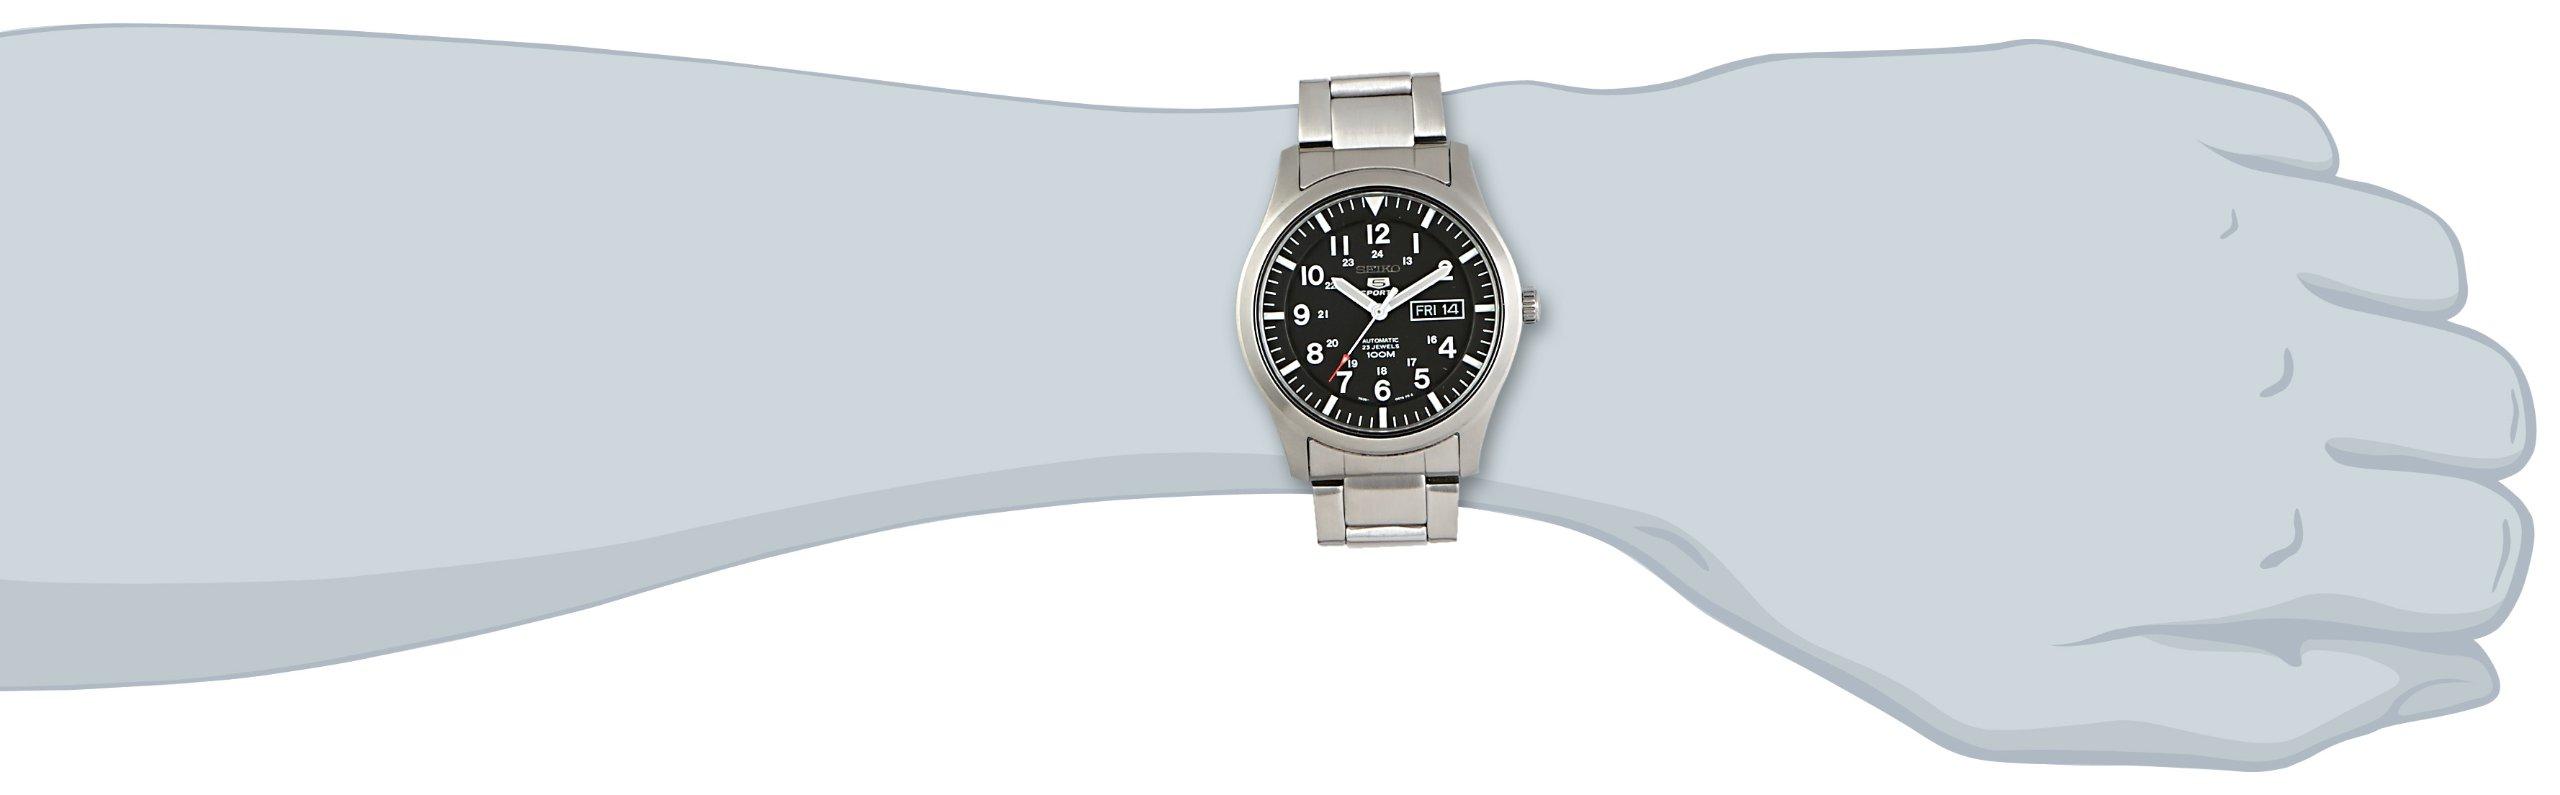 Seiko Reloj Analógico Automático para Hombre con Correa de Acero Inoxidable – SNZG13K1